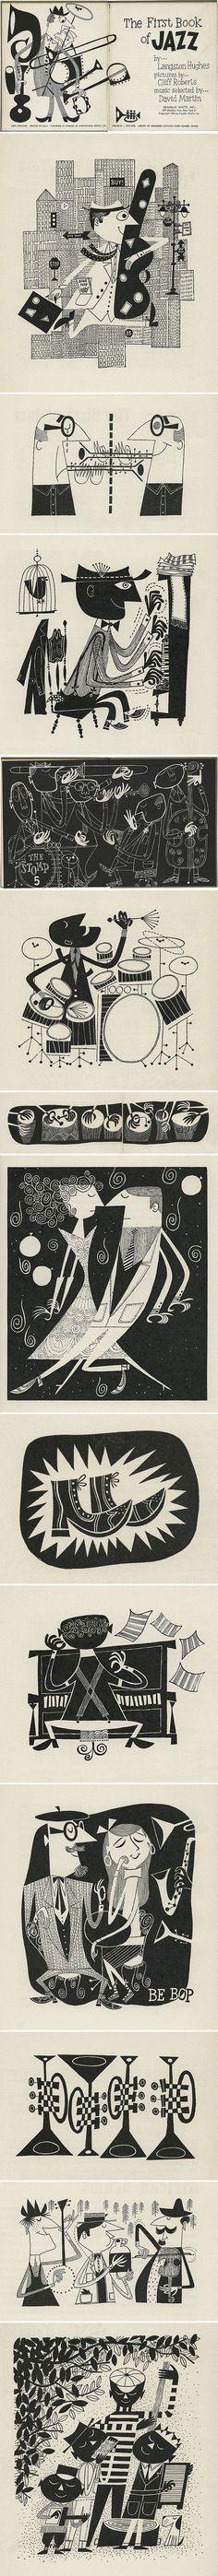 """Book: Ilustraciones por Cliff Roberts de """"El primer libro de Jazz"""" de Langston Hughes, 1955 in Yesteryear"""